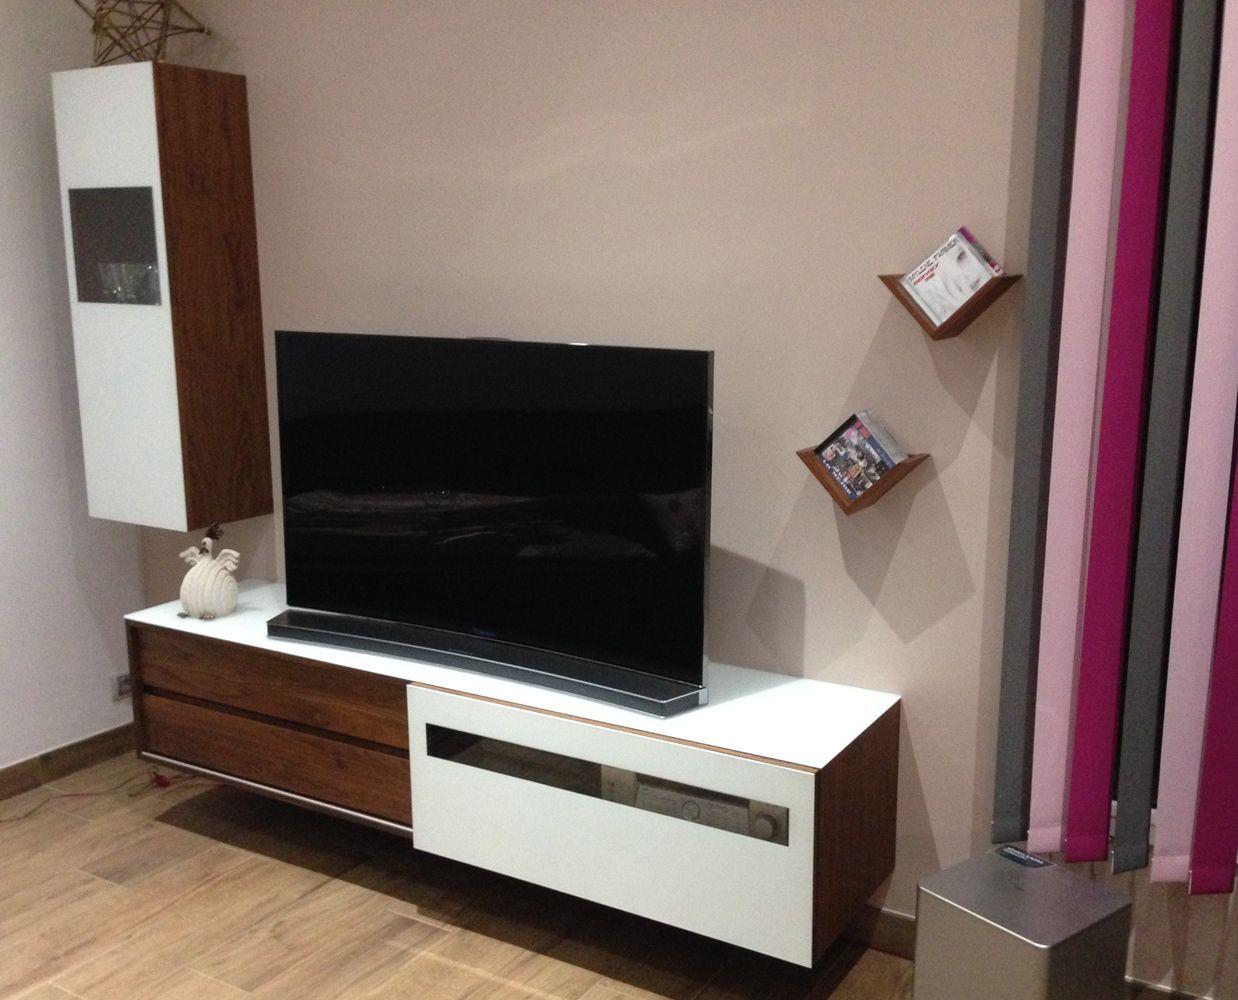 Meuble Tv En Noyer # Meuble Tv Noyer Et Blanc